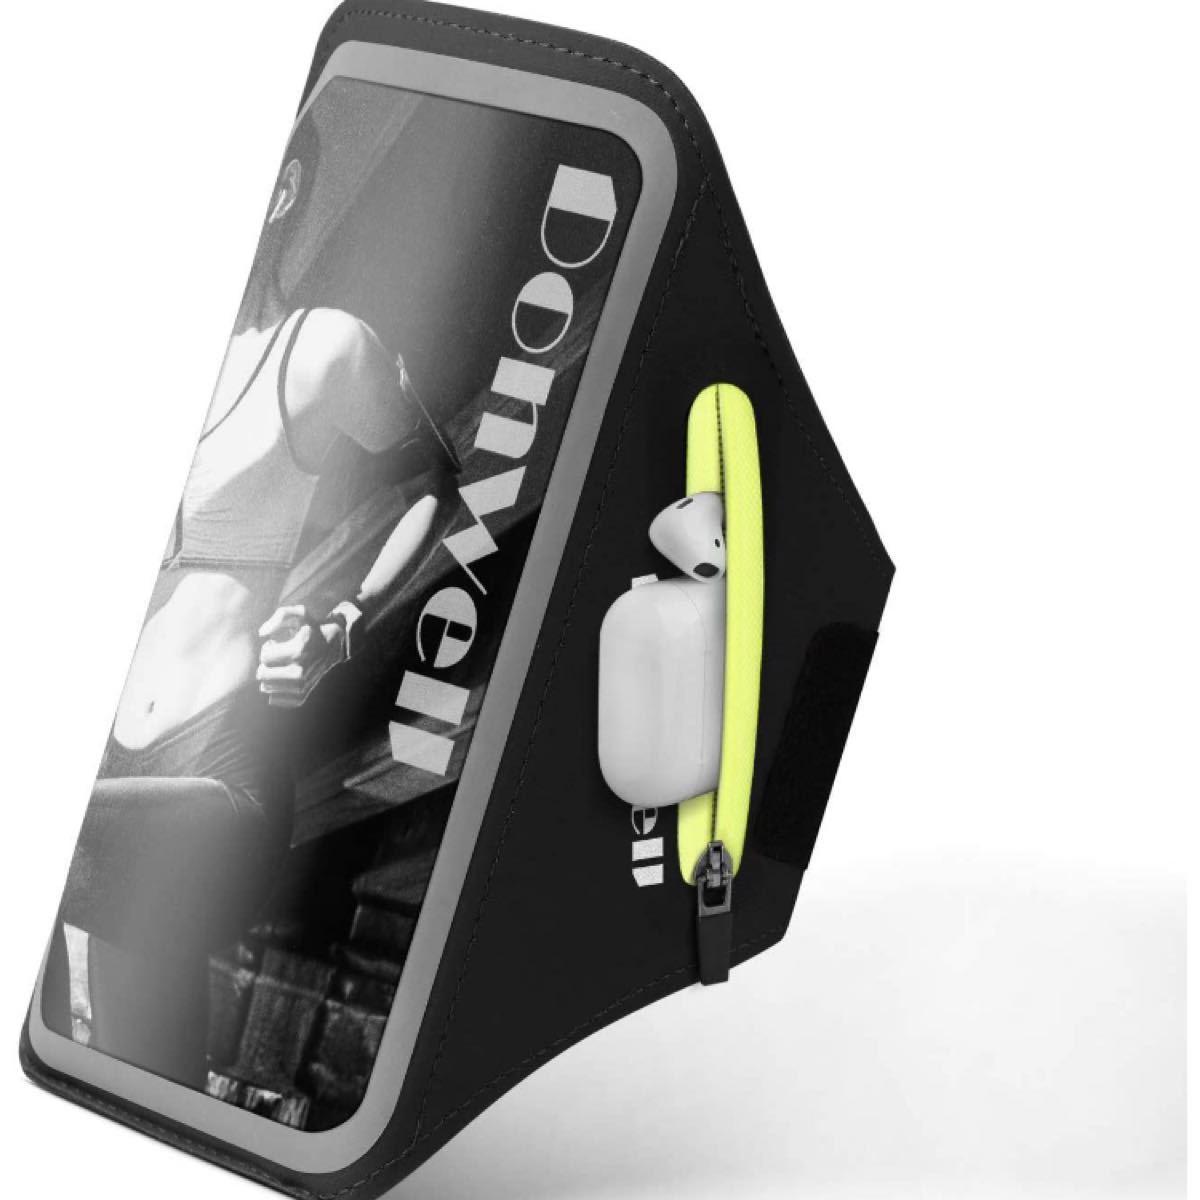 ランニングアームバンド アームバンドairpods専用ポケット付き スマホ